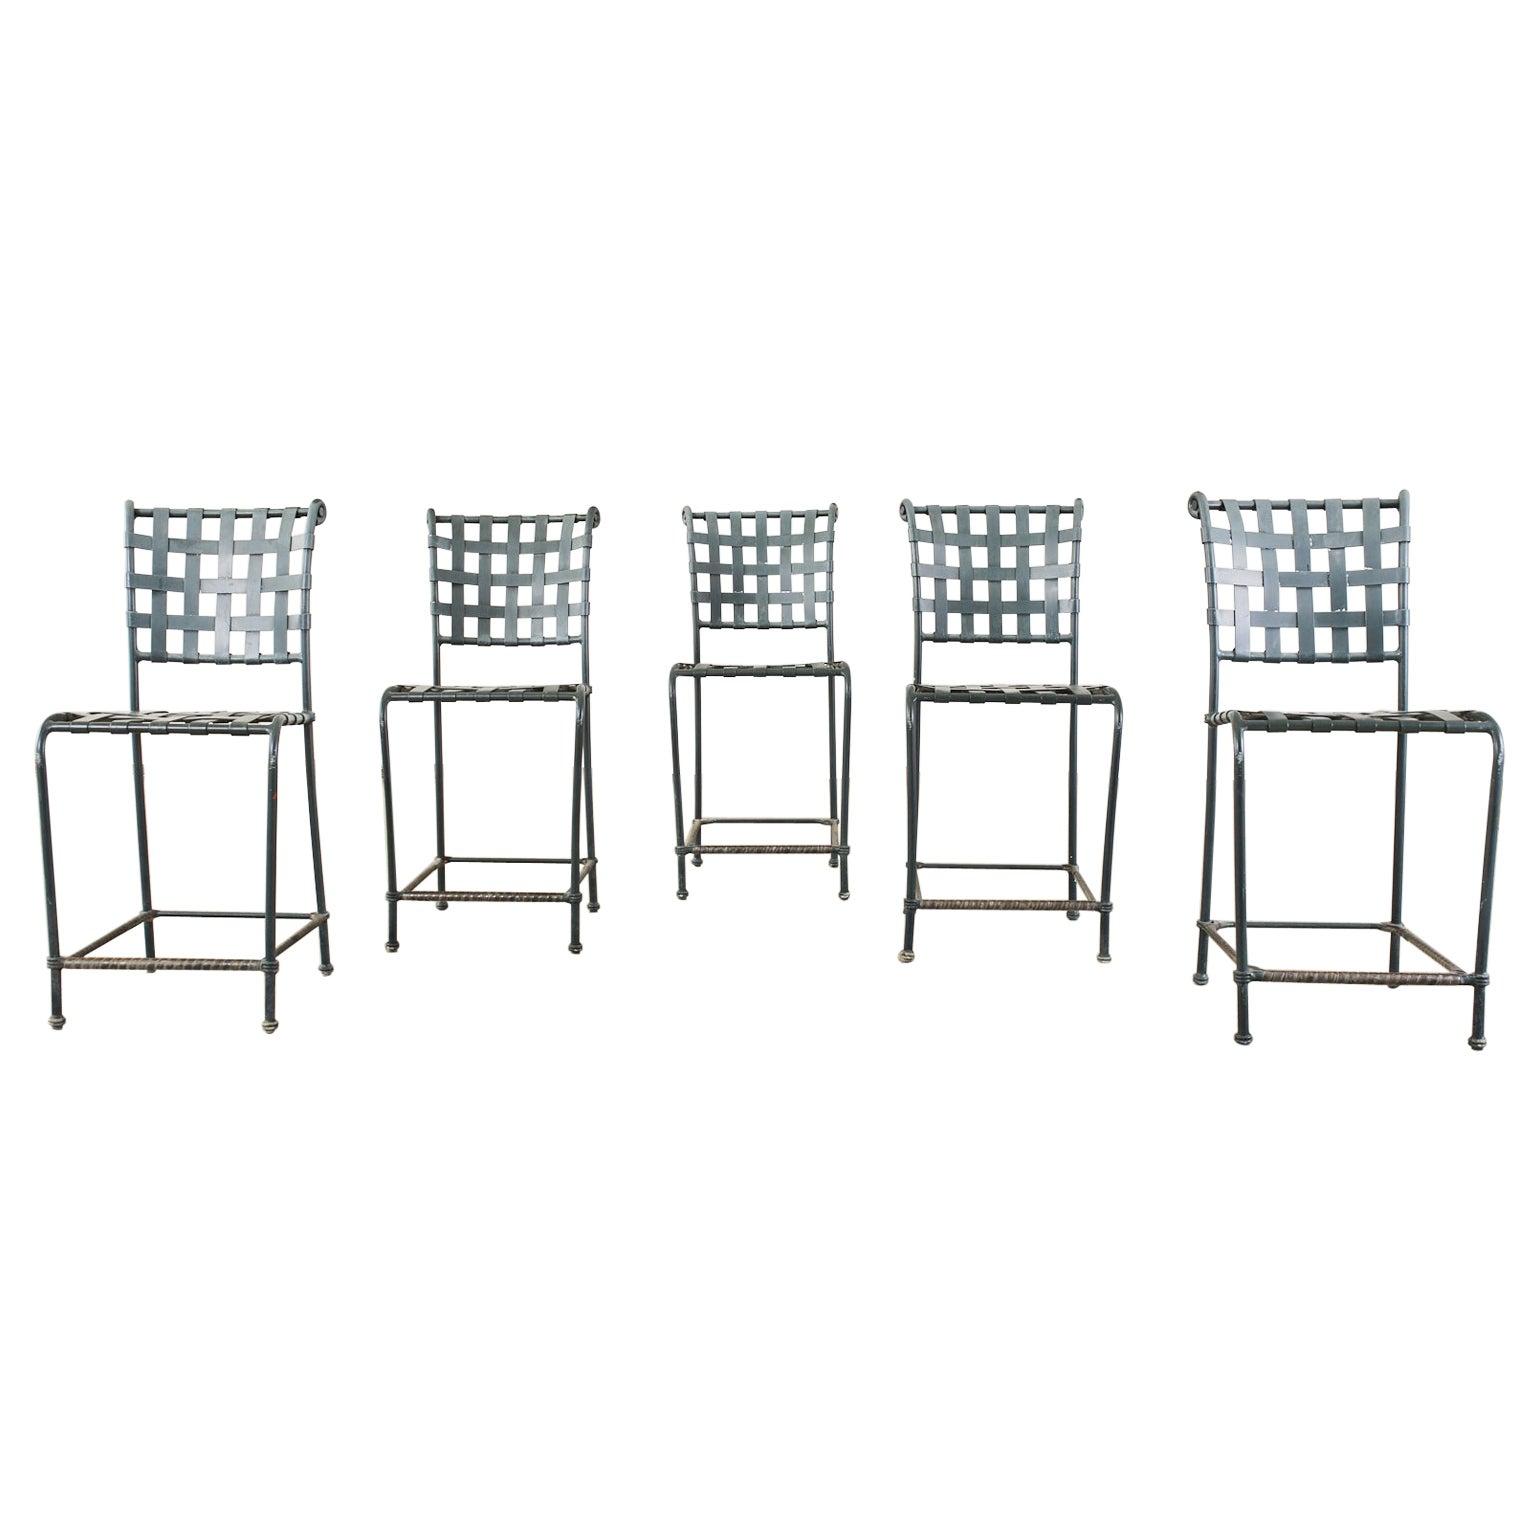 Set of Five Brown Jordan Florentine Aluminum Counter Barstools